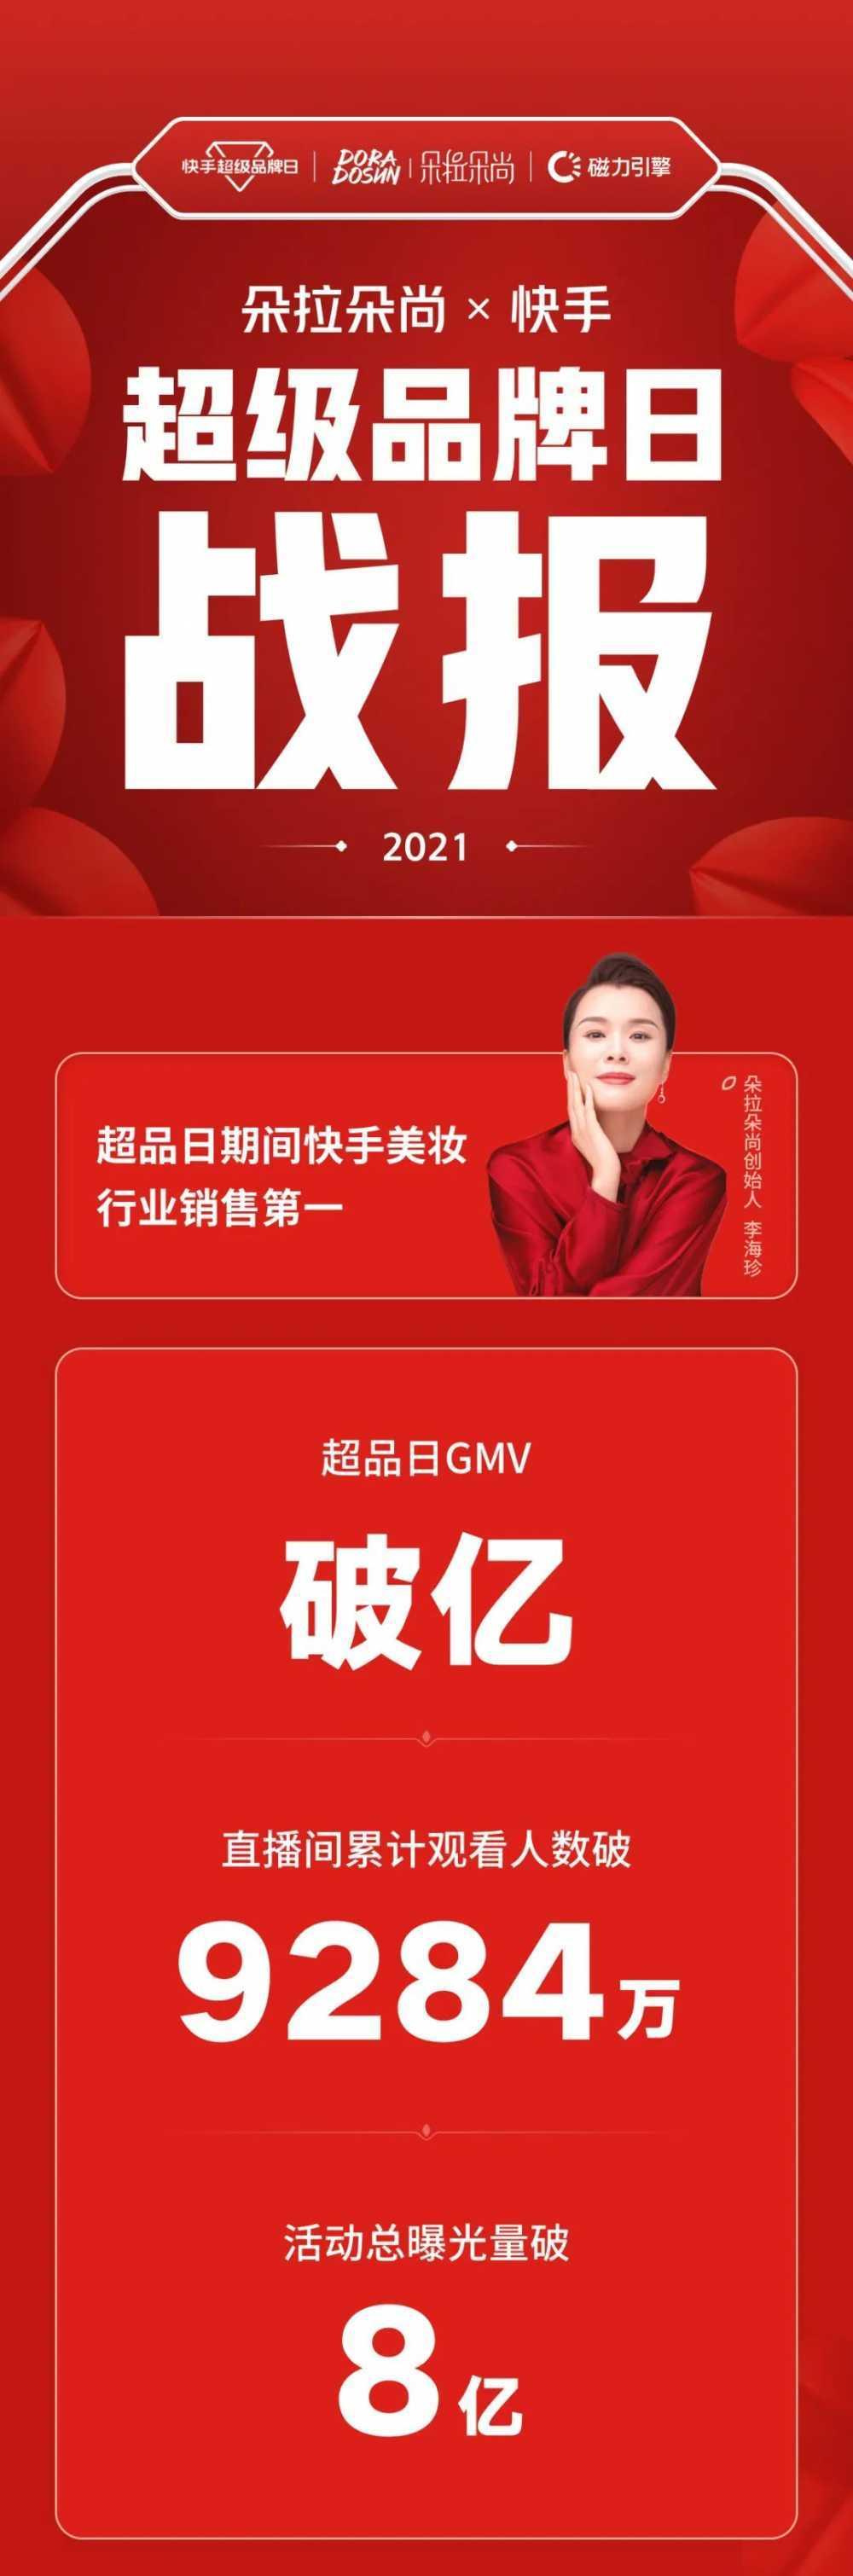 朵拉朵尚快手超级品牌日GMV破亿,登顶快手美妆行业销售第一